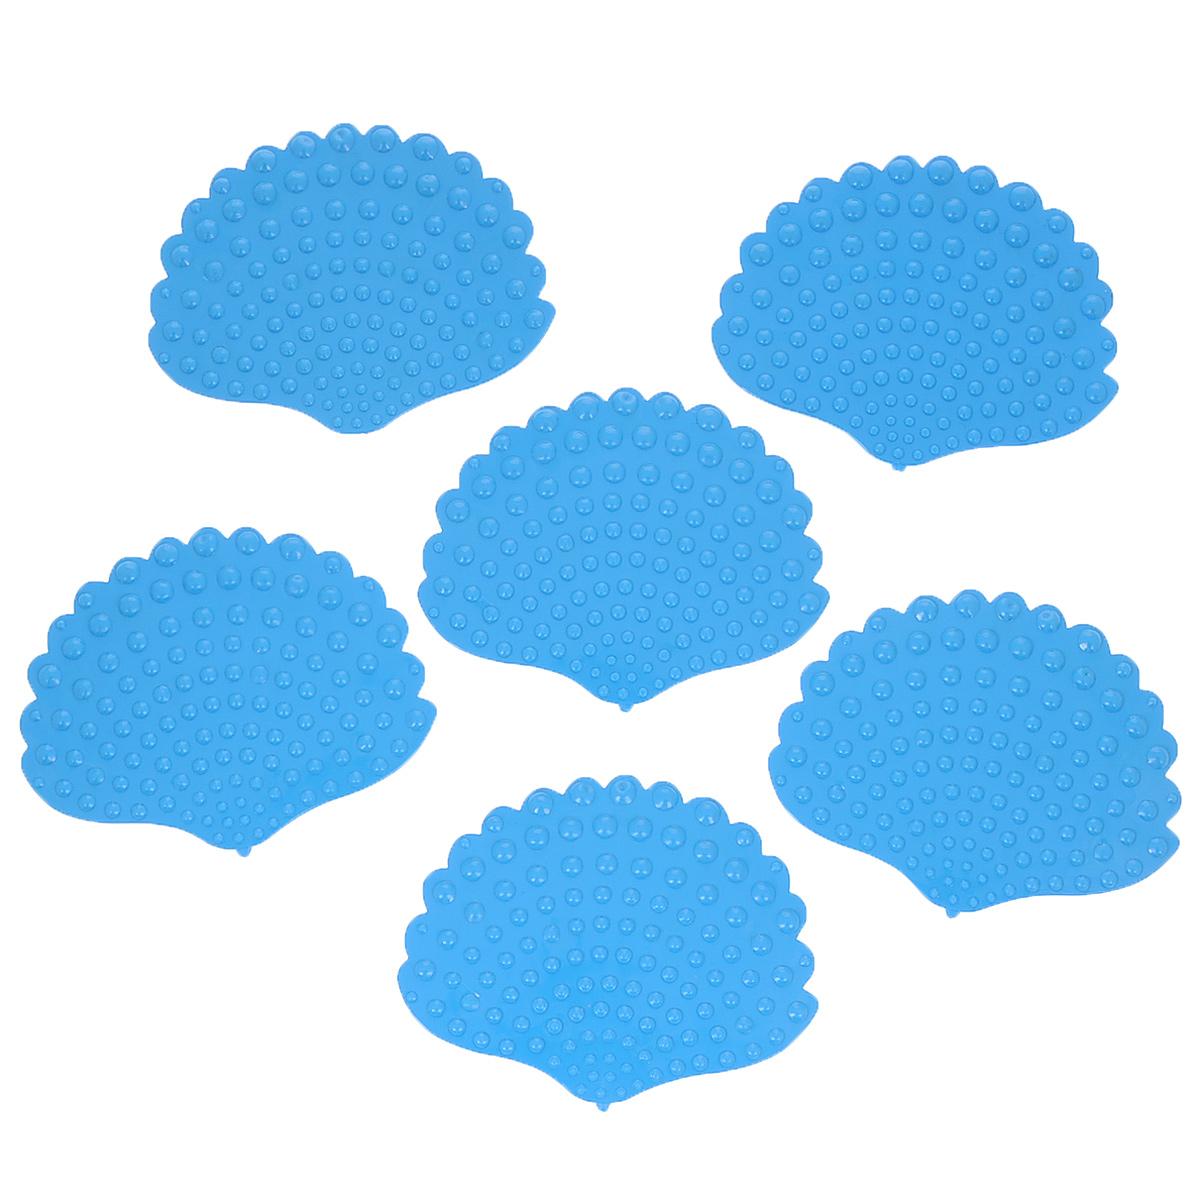 Набор мини-ковриков для ванной Dom Company Ракушка перламутровая, цвет: голубой, 6 шт.837-019Набор Dom Company Ракушка перламутровая состоит из шести мини-ковриков для ванной, изготовленных из 100% полимерных материалов в форме ракушек. Коврики оснащены присосками, предотвращающими скольжение. Их можно крепить на дно ванны или использовать как декор для плитки. Коврики легко чистить.